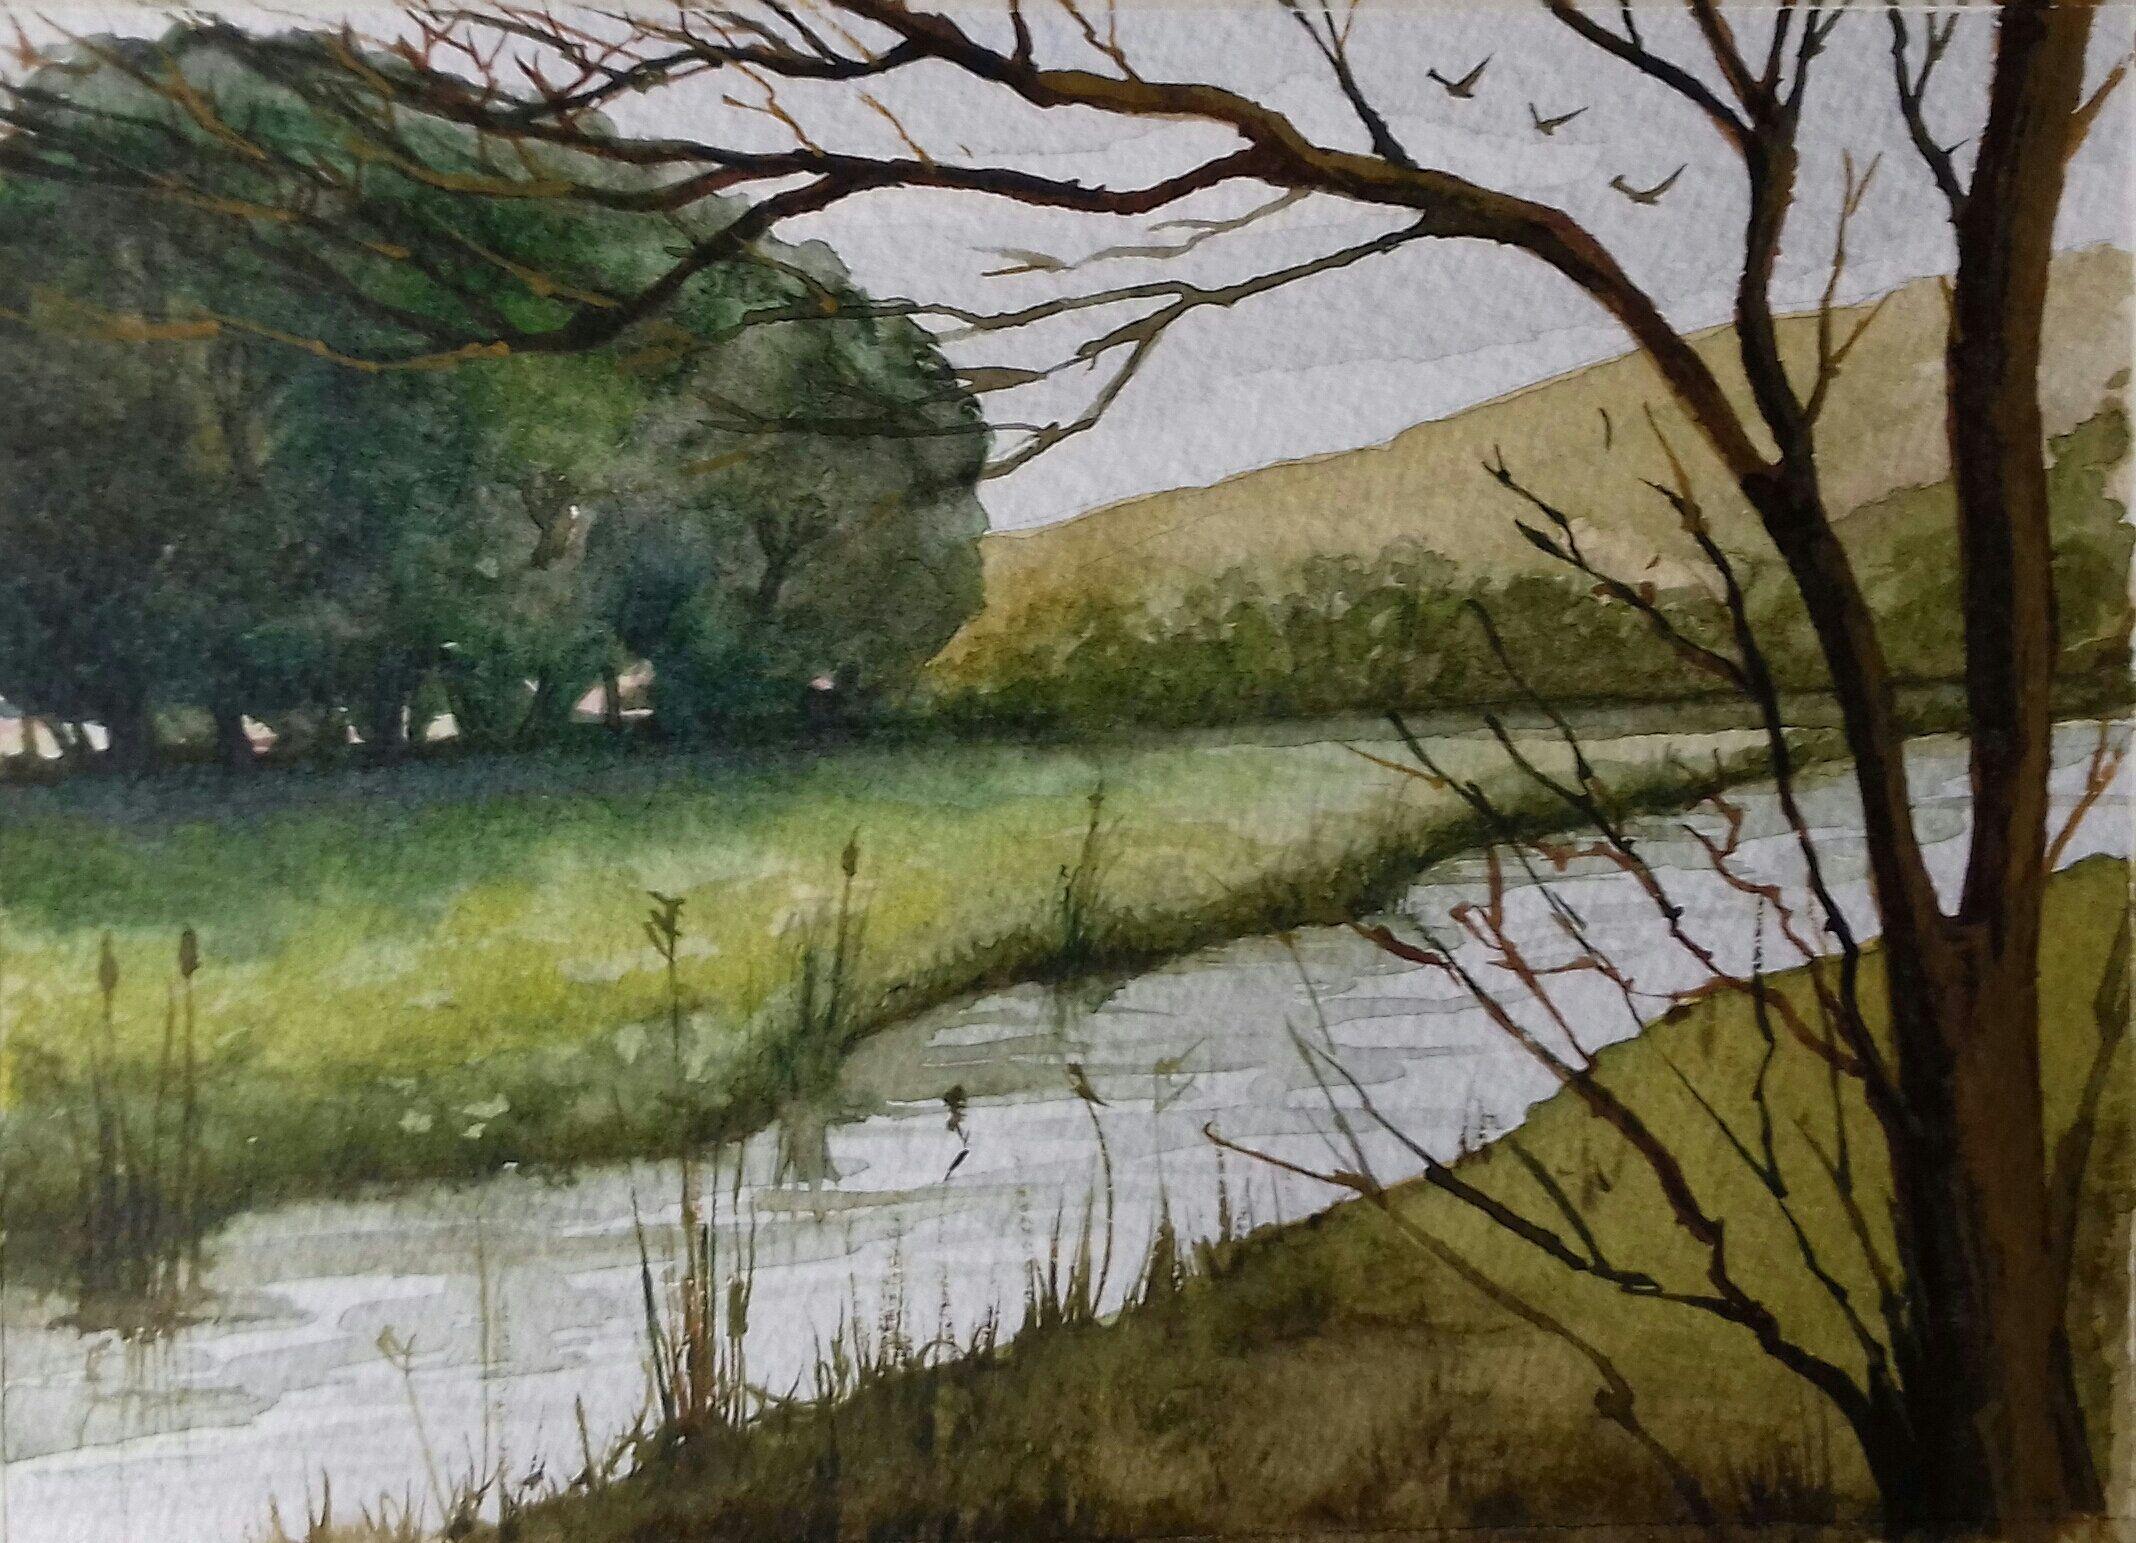 Original Watercolour The Riverbank Landscape Paintings Watercolor Landscape Paintings Watercolor Landscape